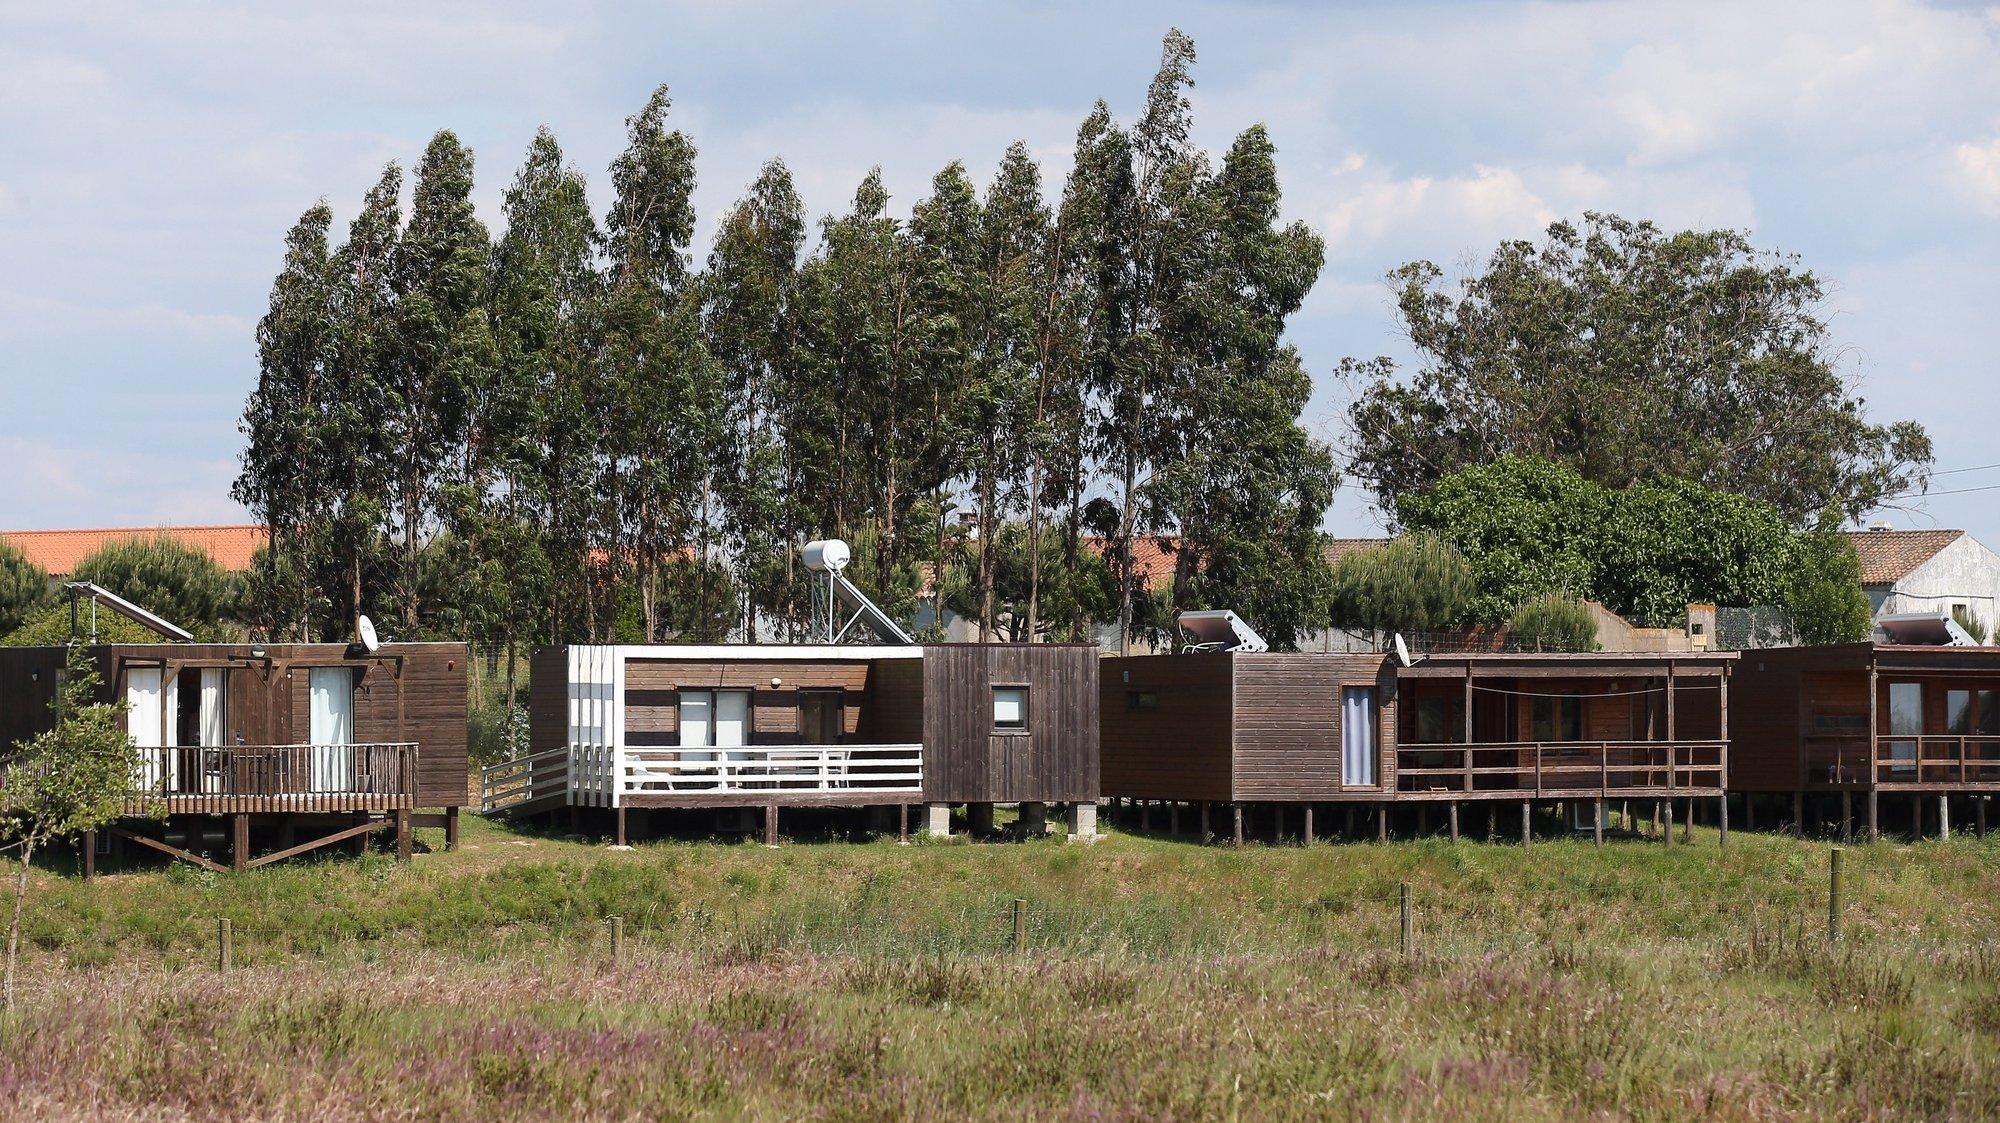 Casas no Zmar Eco Experience, complexo turistico alvo de requisição civíl pelo Governo para acolher pessoas que necessitem de isolamento profilático devido à covid-19, Odemira, 03 de maio de 2021. NUNO VEIGA/LUSA